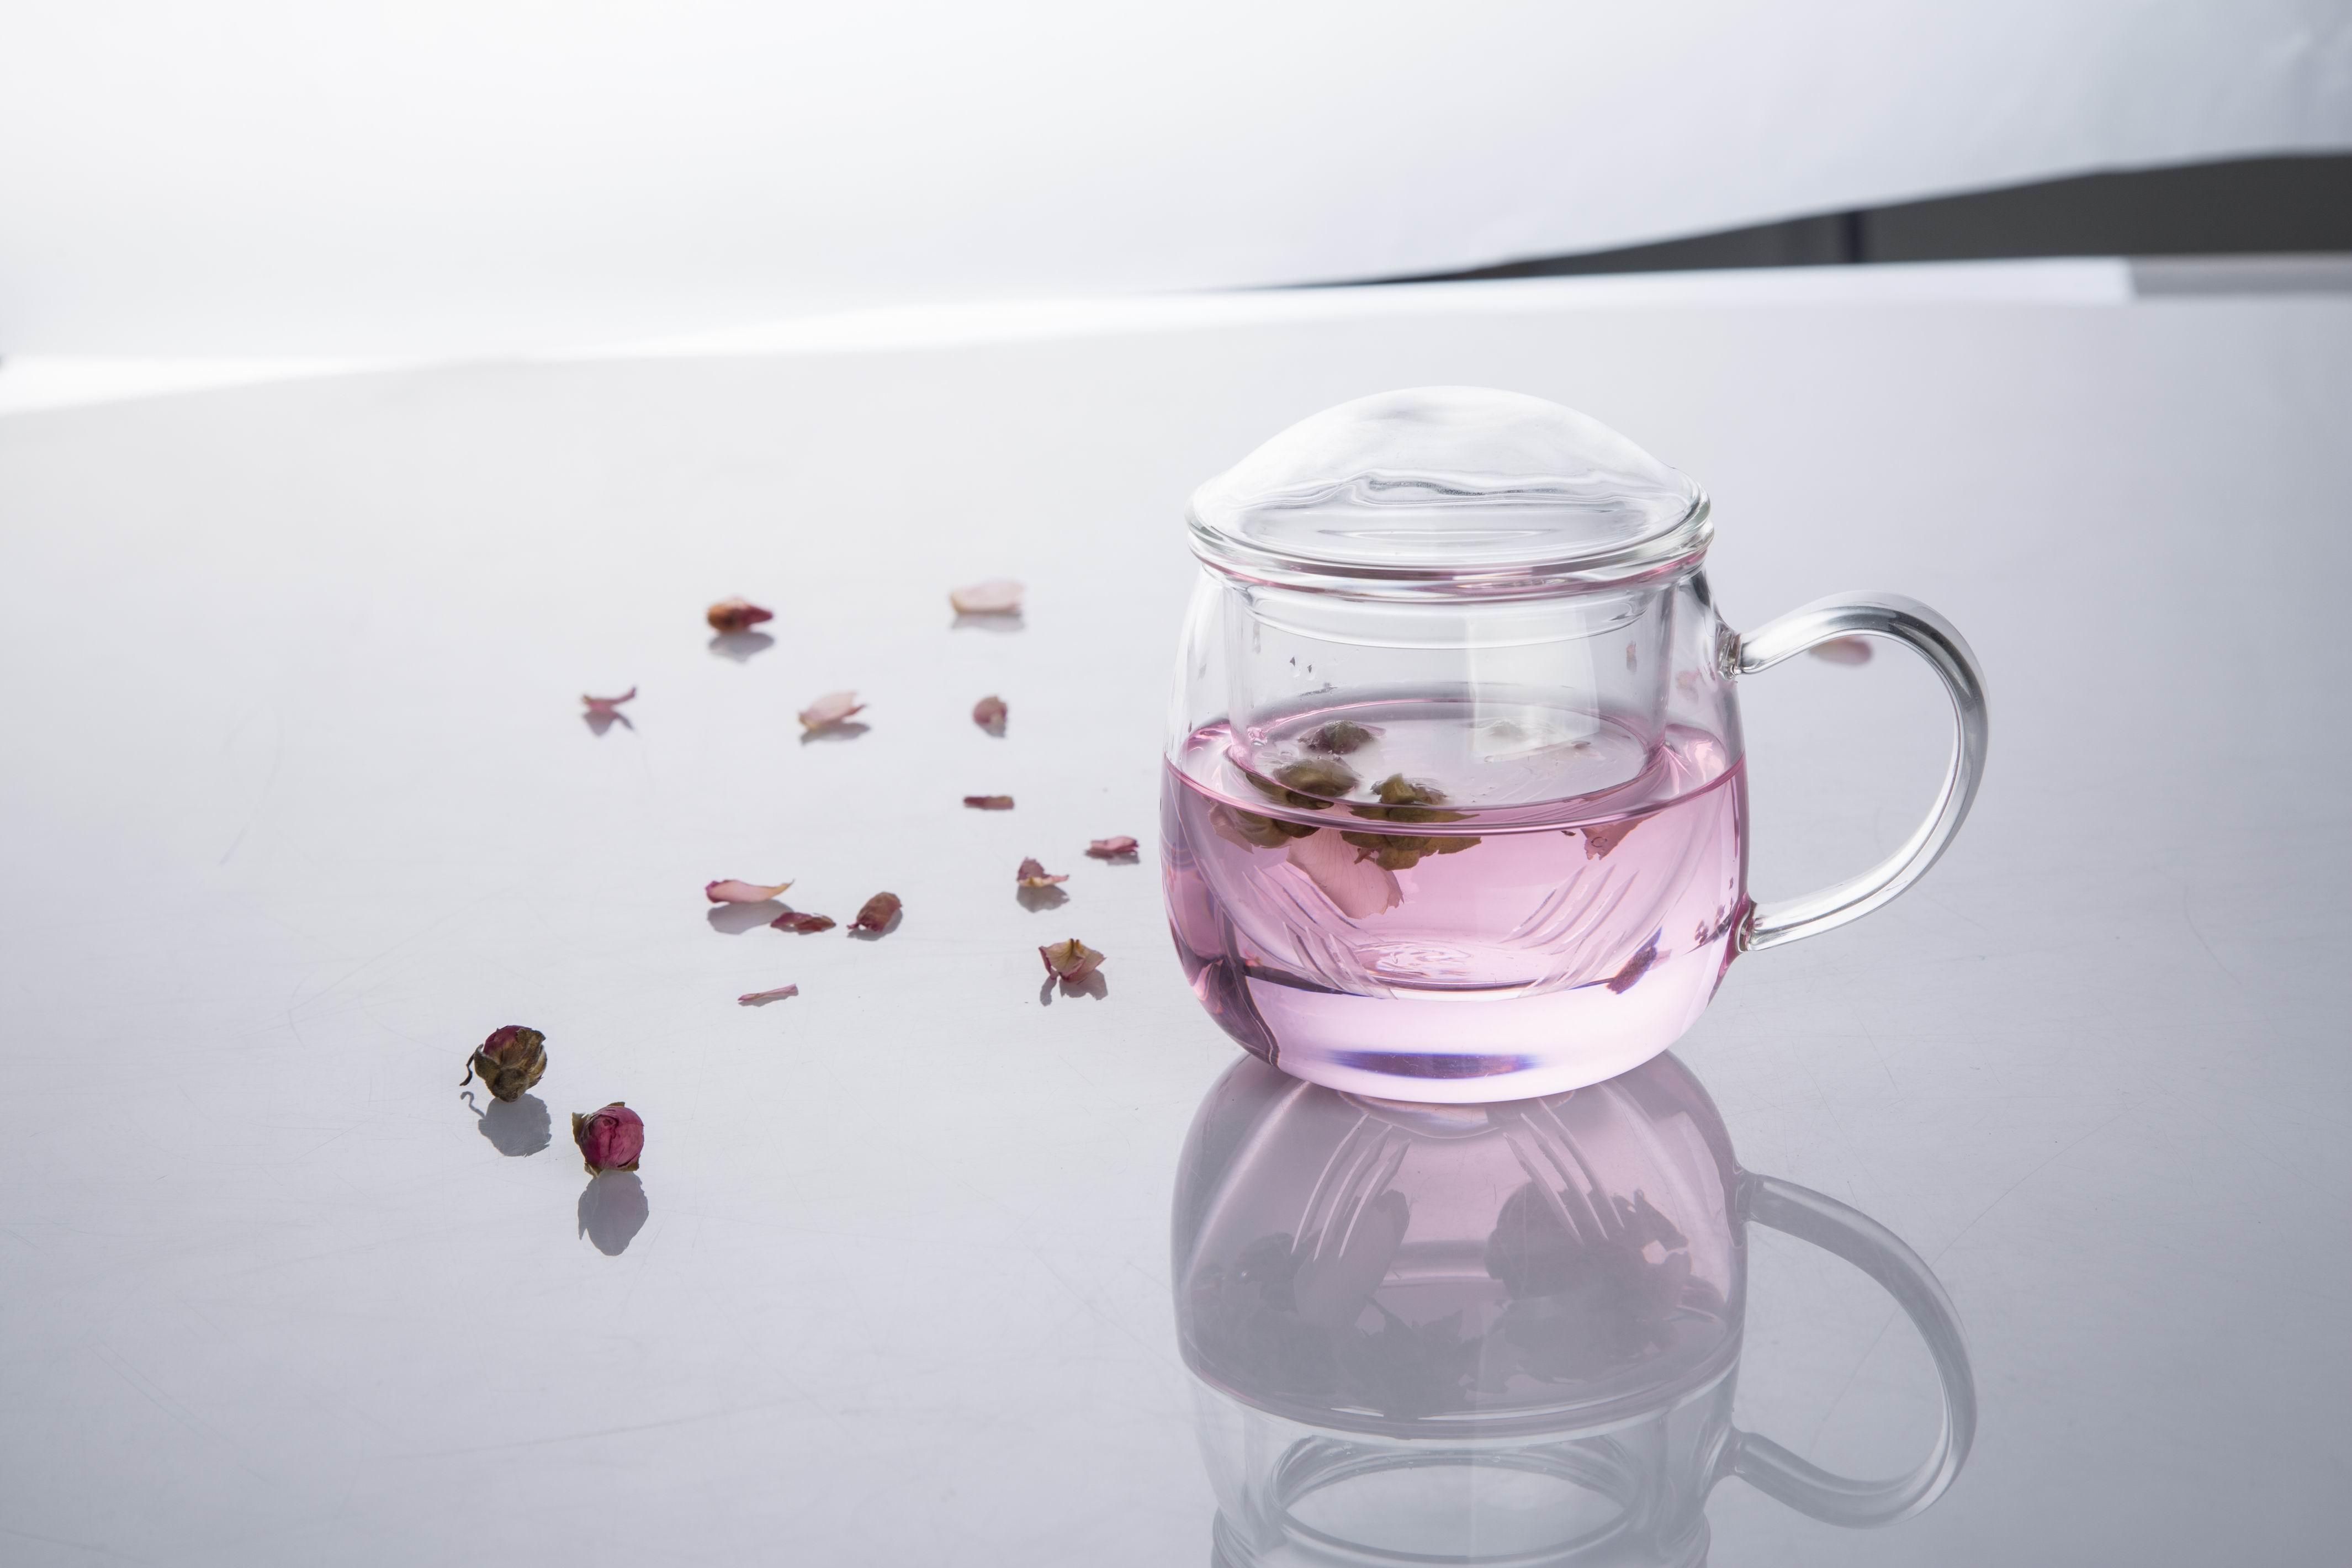 小清新 玻璃杯图片